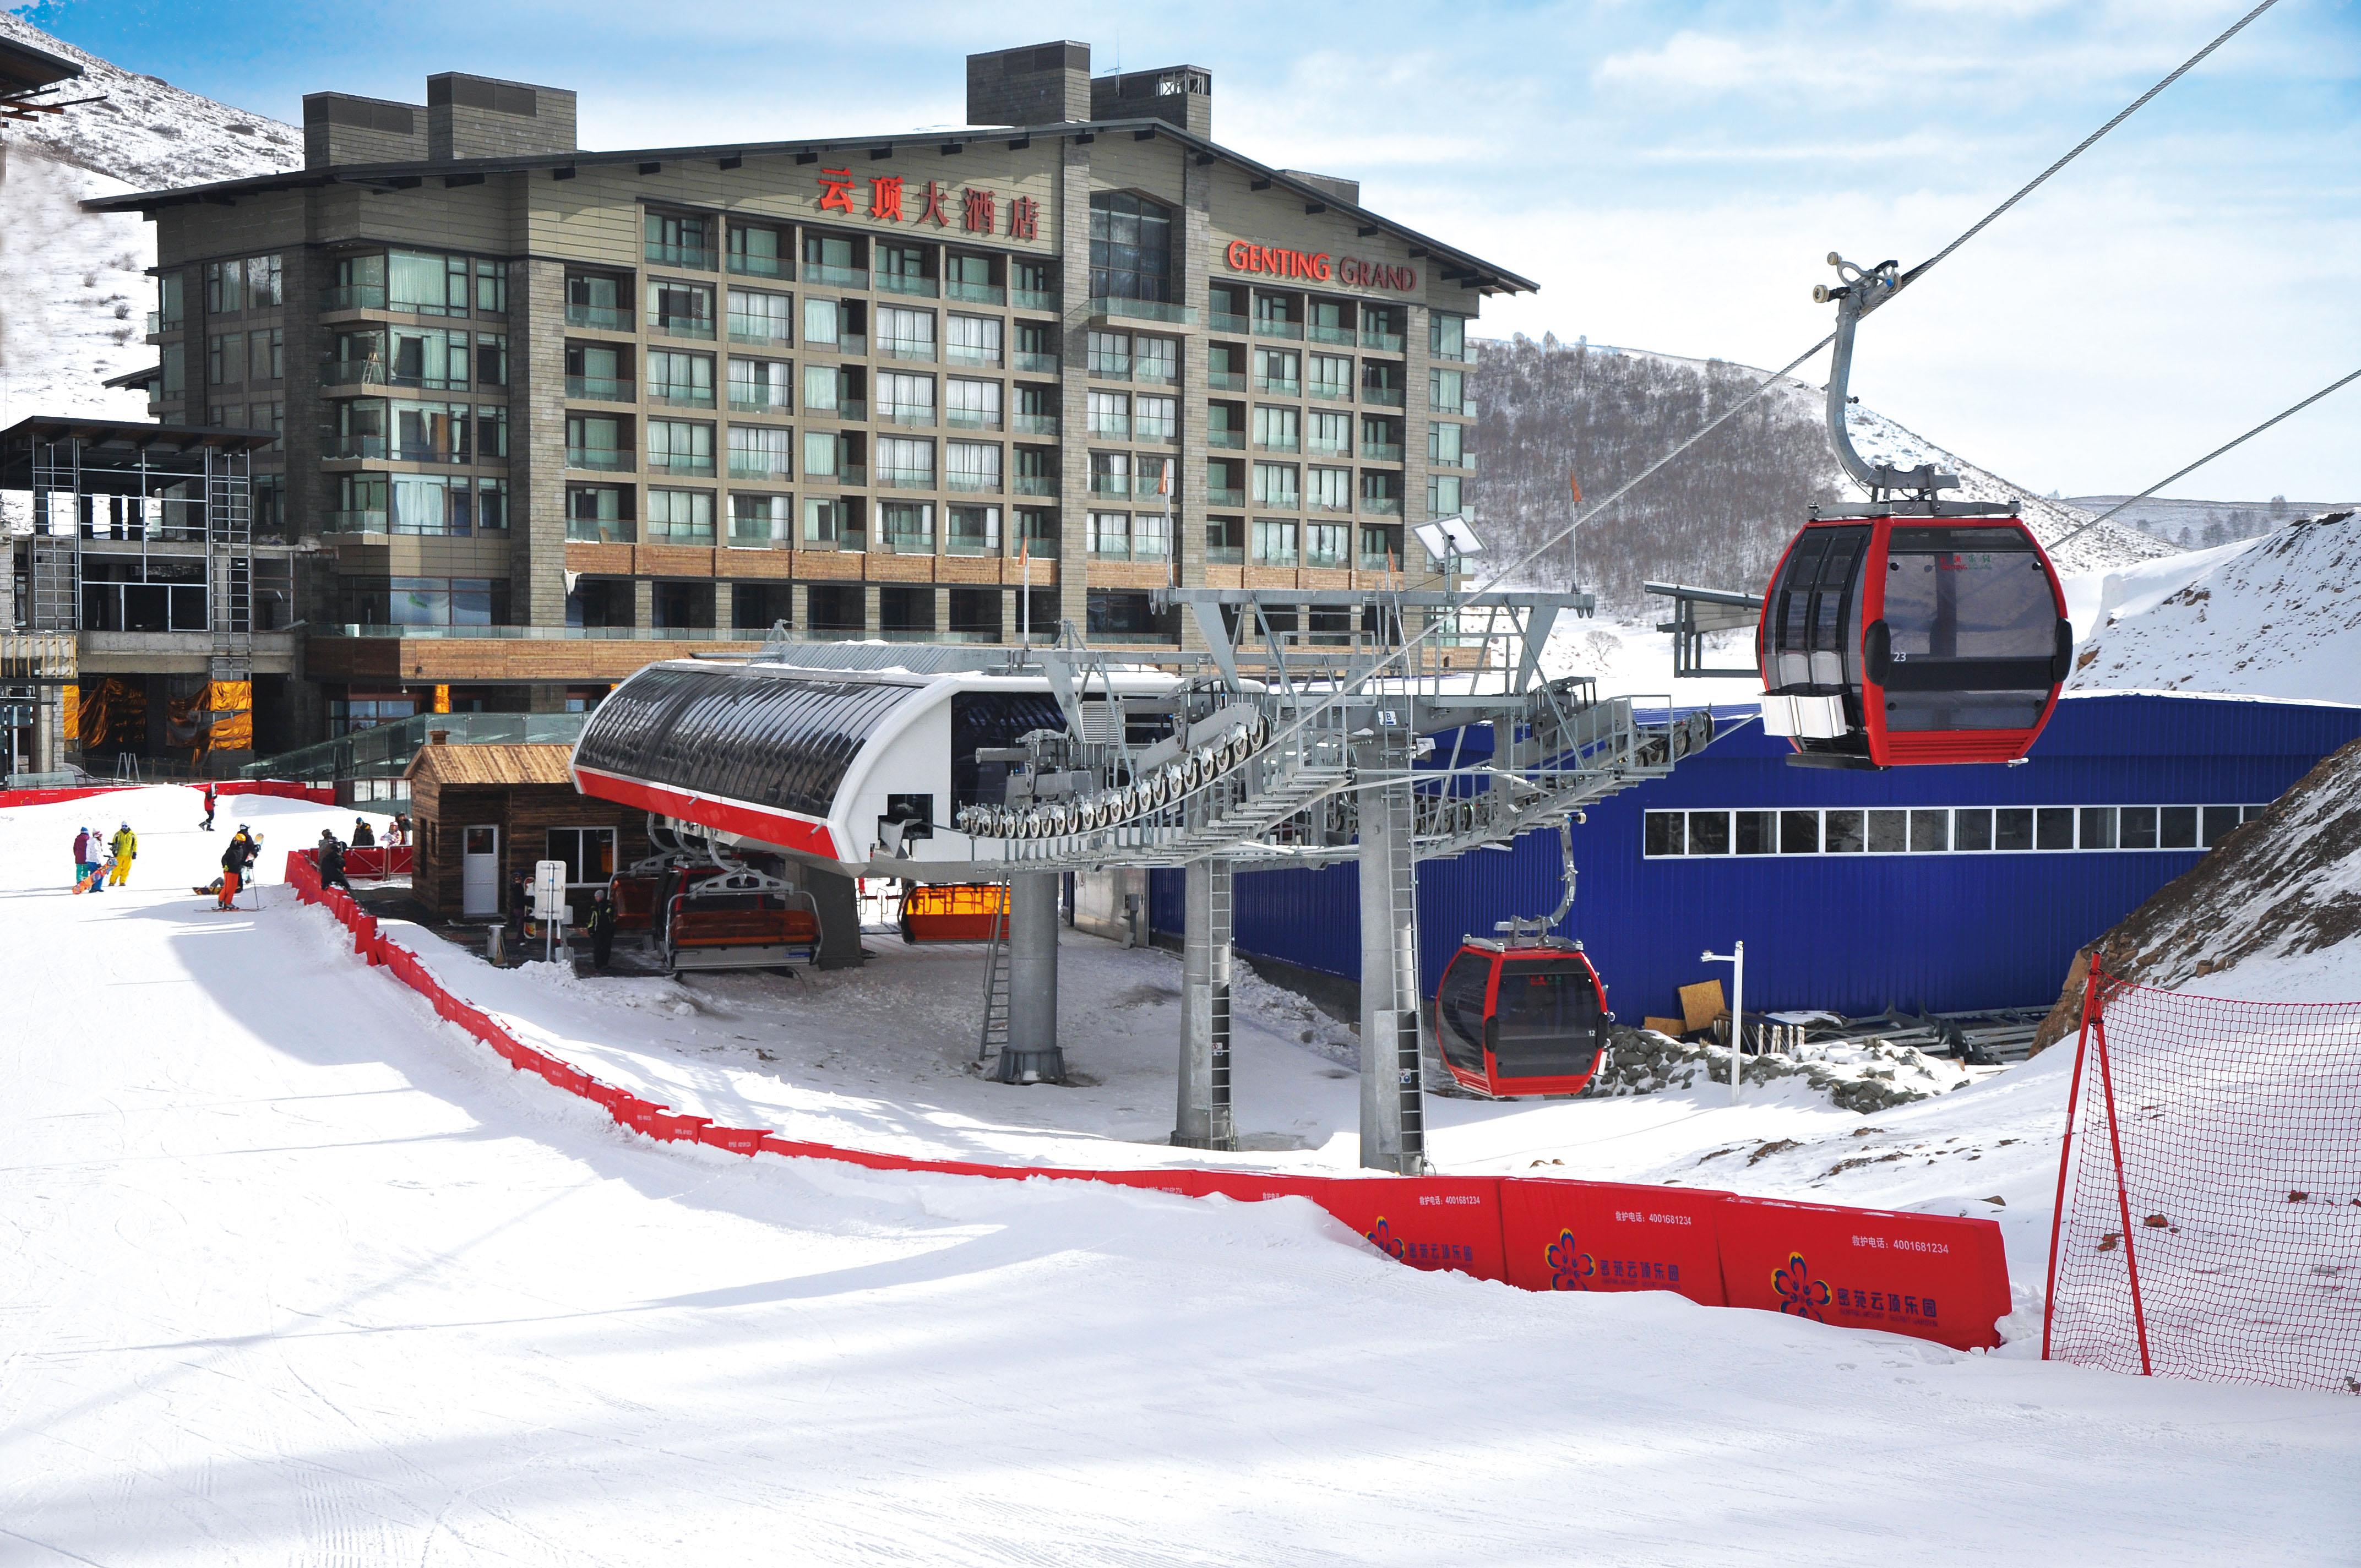 密苑云顶乐园滑雪场怎么样,密苑云顶乐园滑雪场好玩吗,密苑云顶乐园滑雪场评价